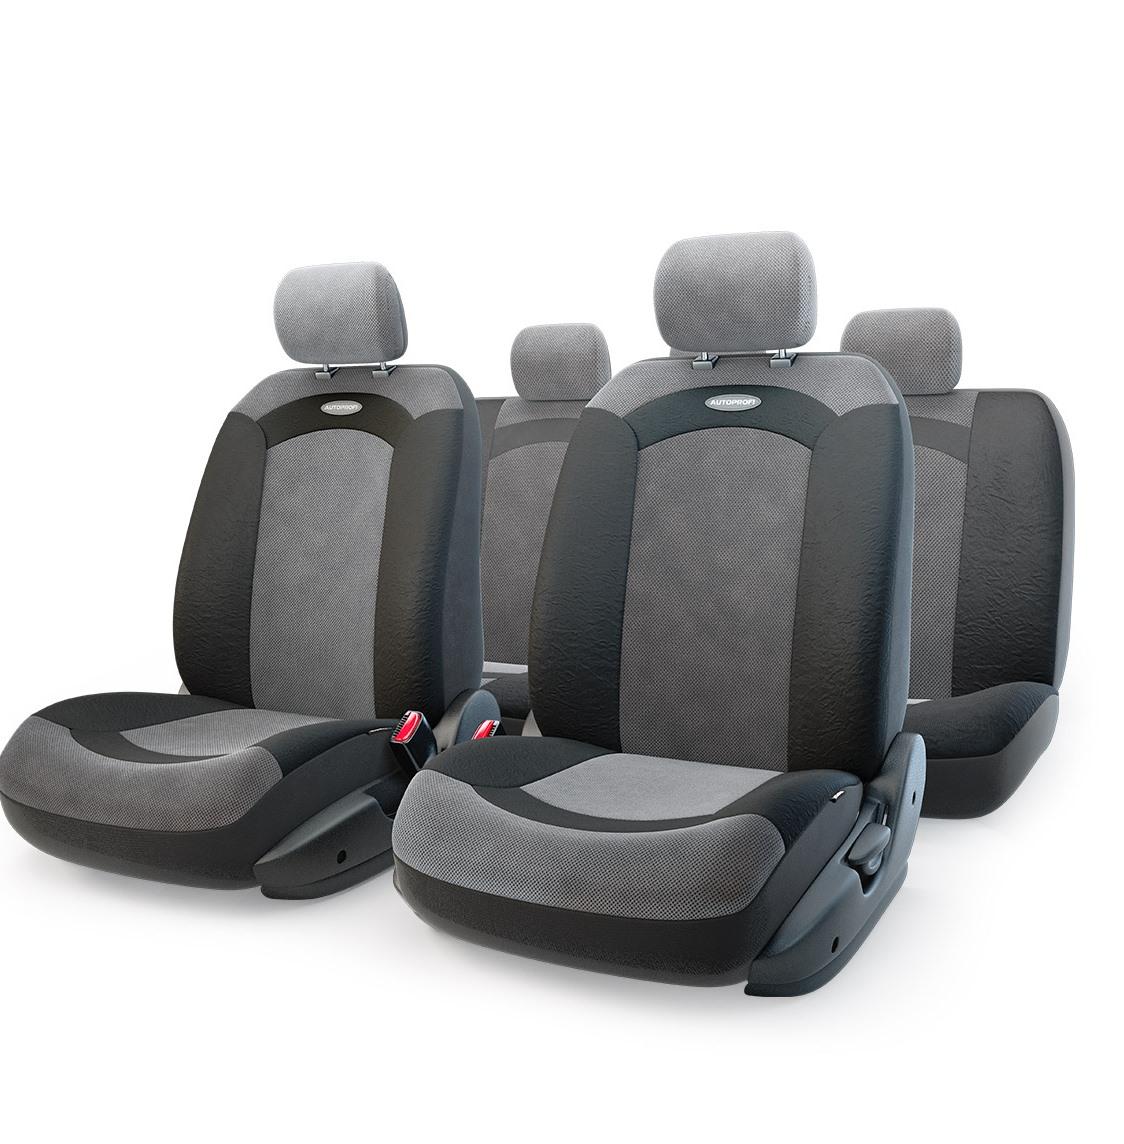 Чехол на сиденье Autoprofi Xtr-803 bk/bk (m) чехол на сиденье autoprofi gob 1105 gy line m